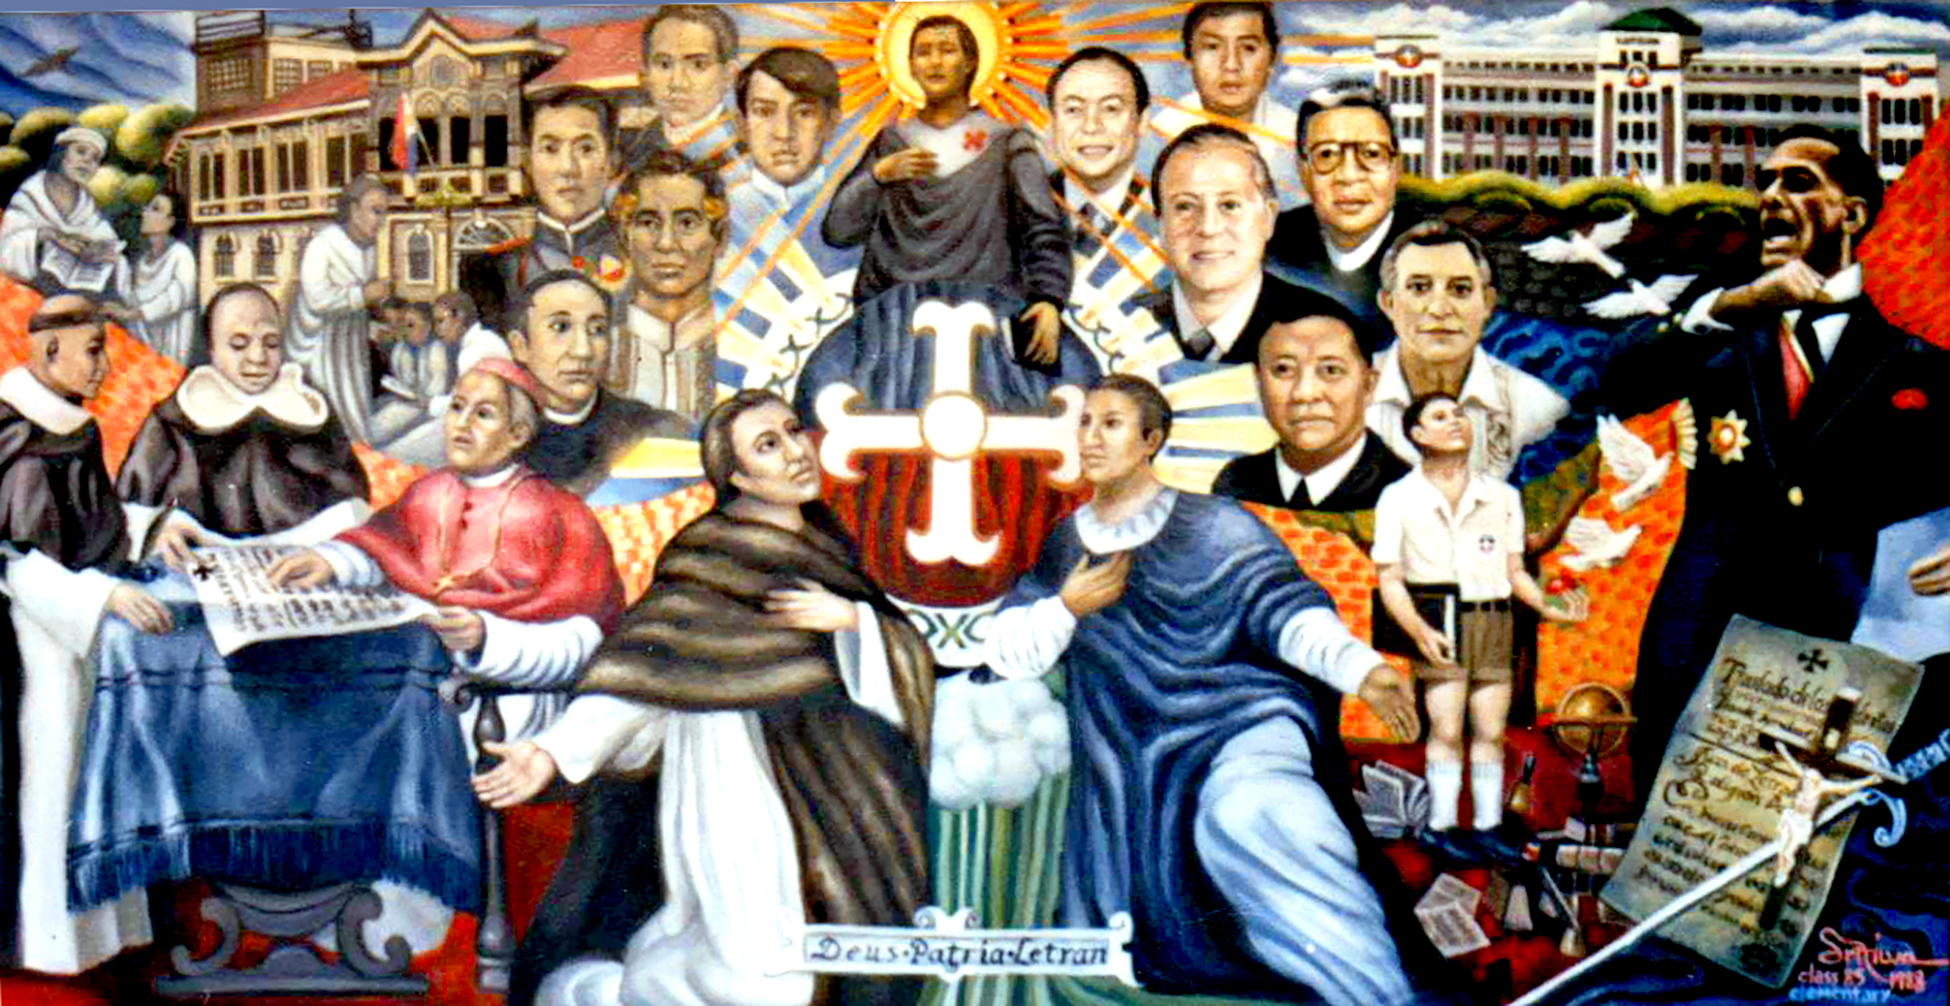 Deus Patria Letran (1987)